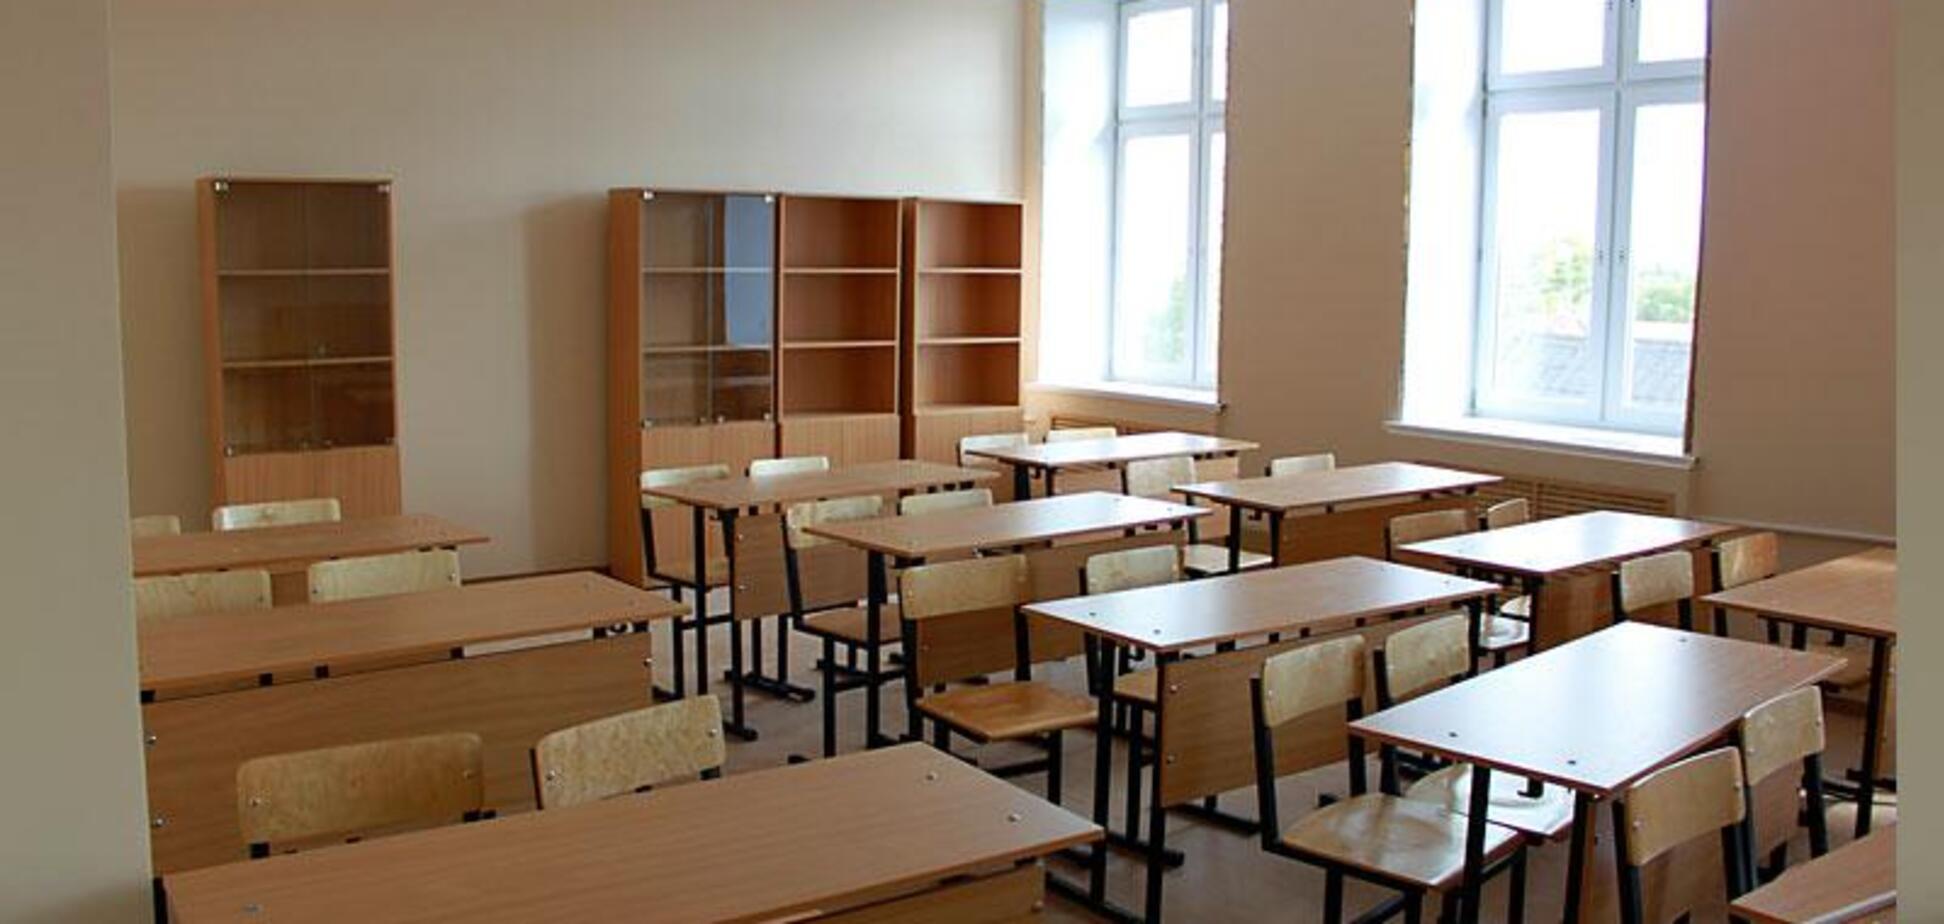 Незаконно и запрещено: КГГА призвала родителей не сдавать деньги в школах